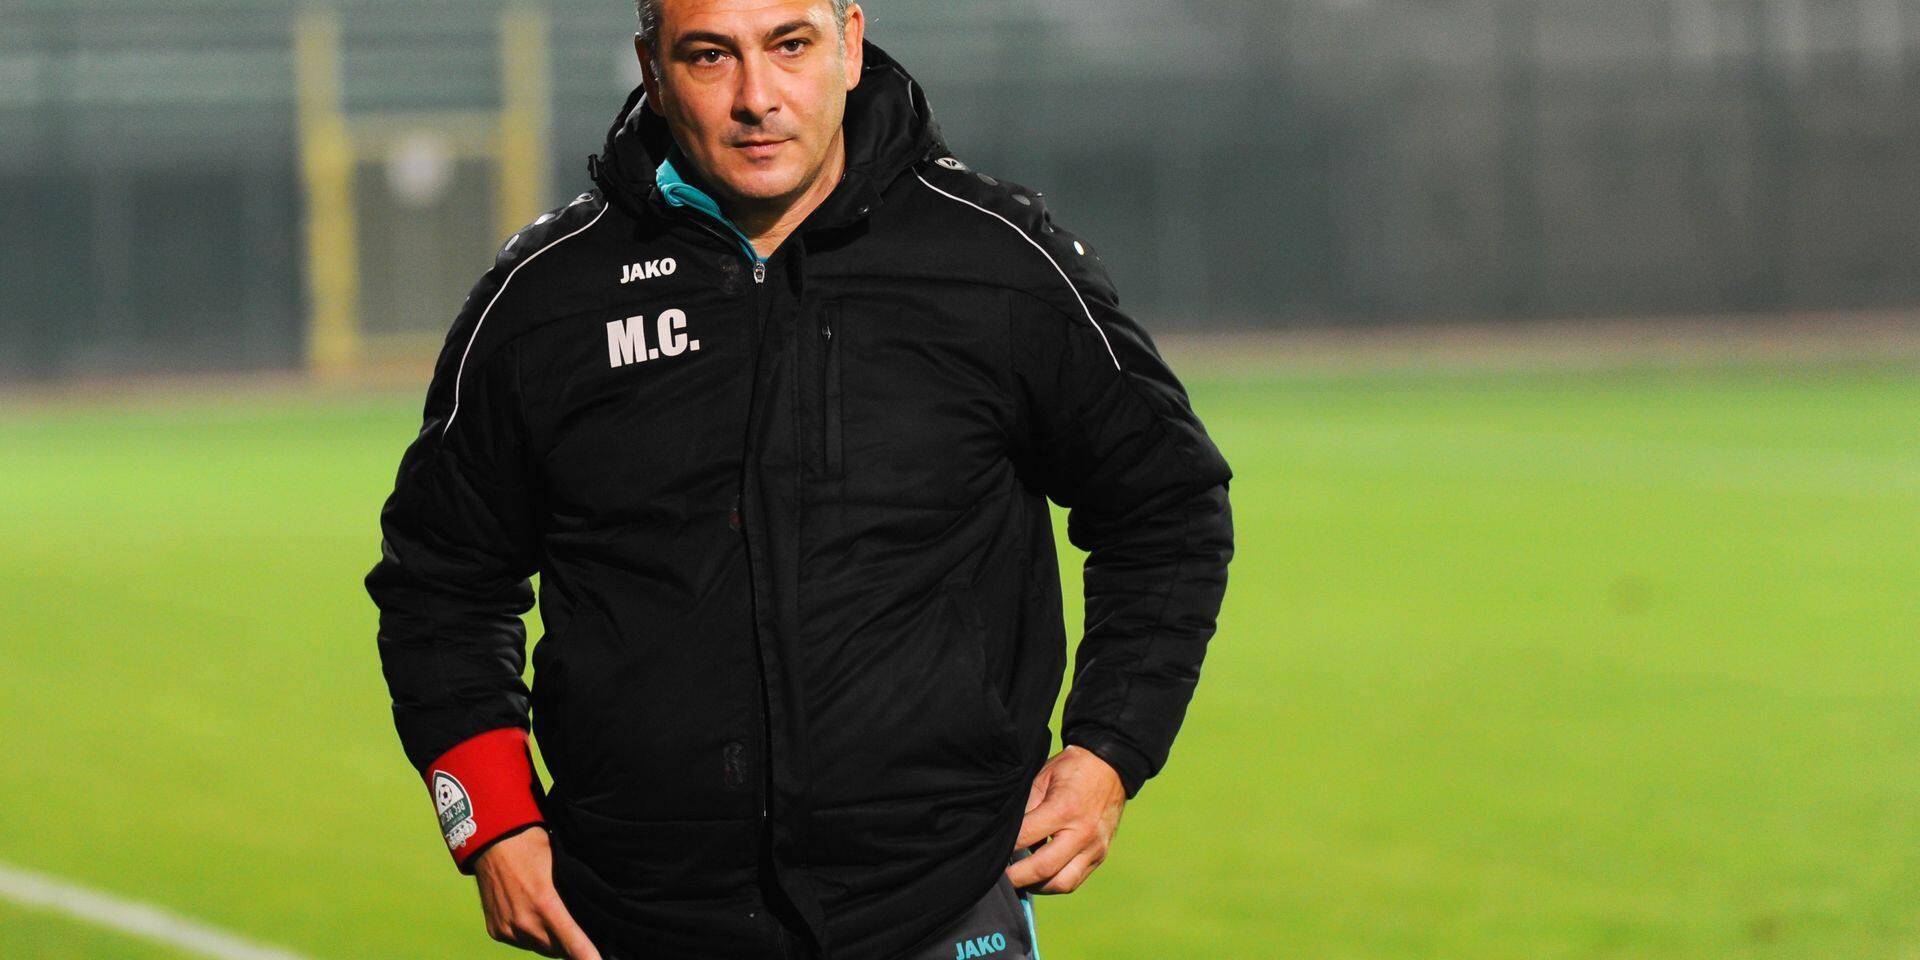 Marco Casto, choix n°1 pour remplacer Zoran Bojovic, a refusé le poste à l'Union Namur